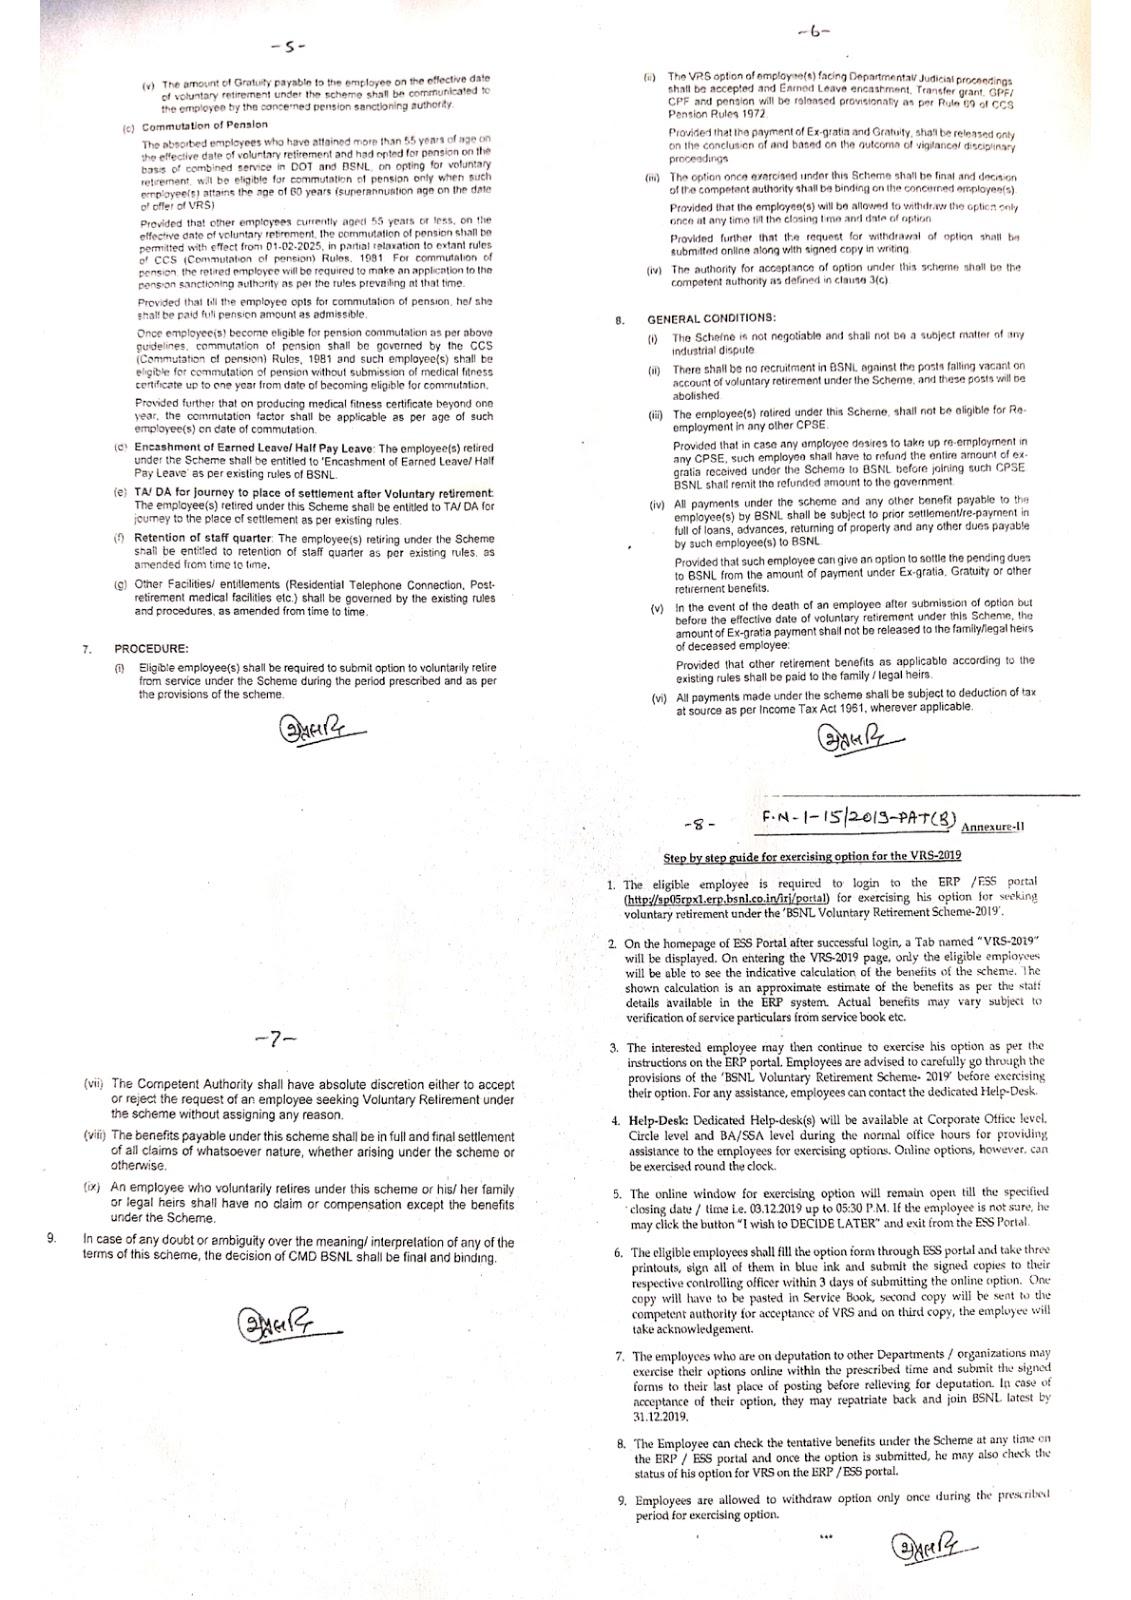 VRS Scheme for BSNL employees